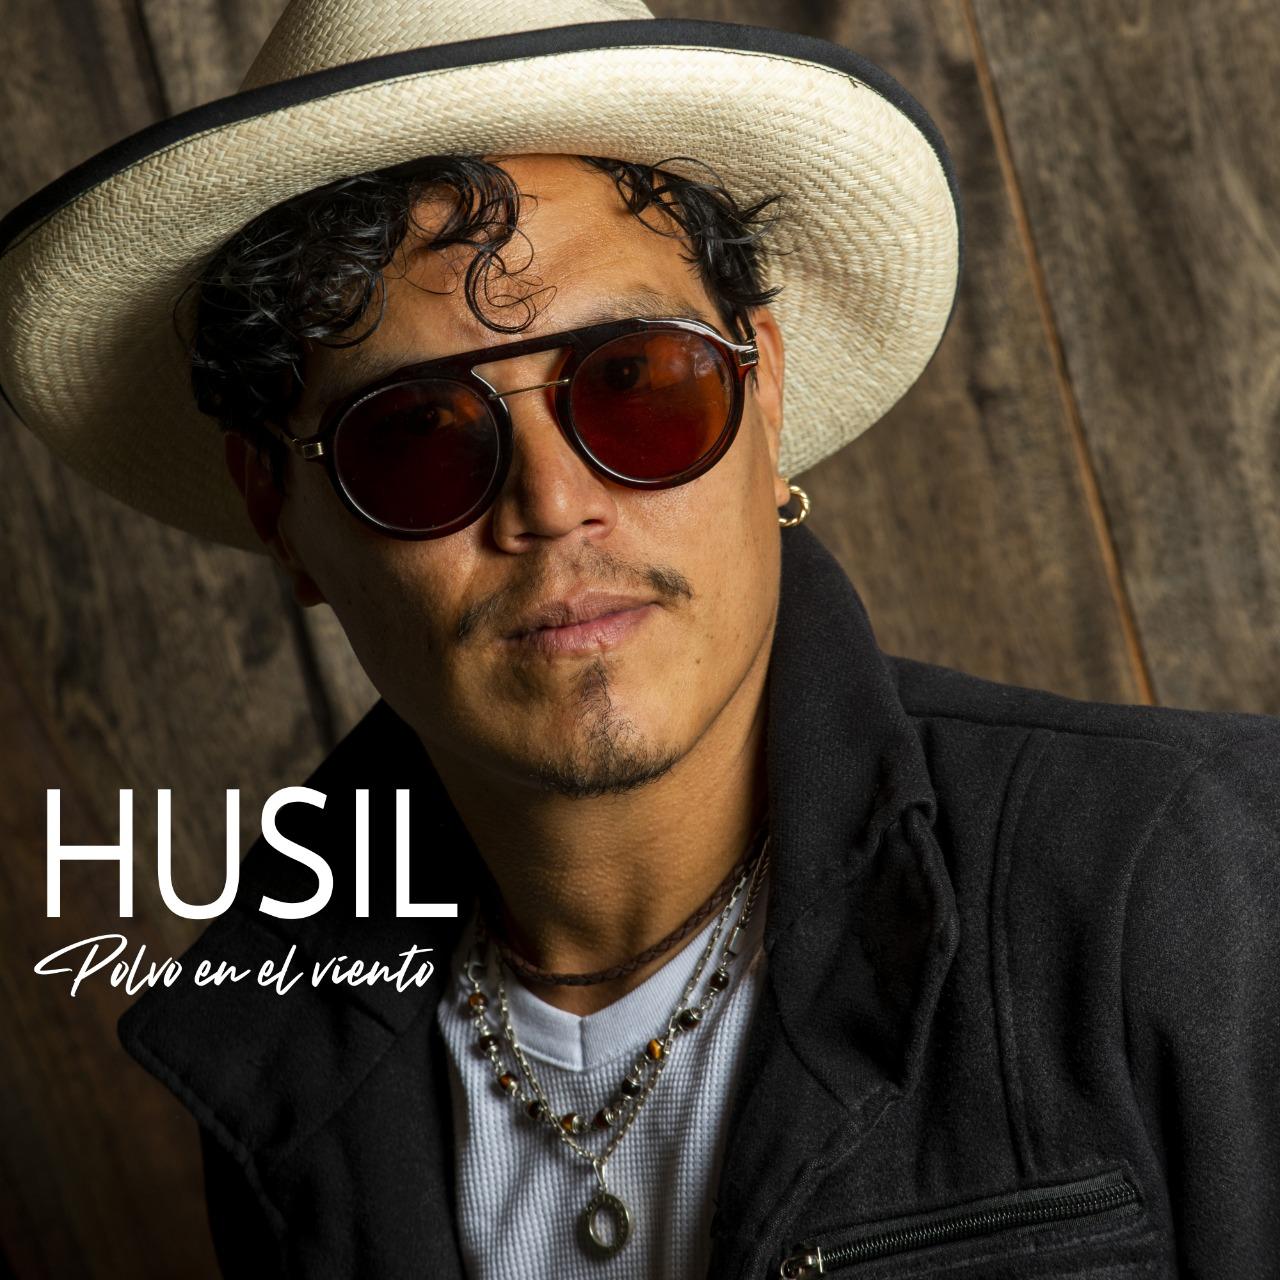 Husil